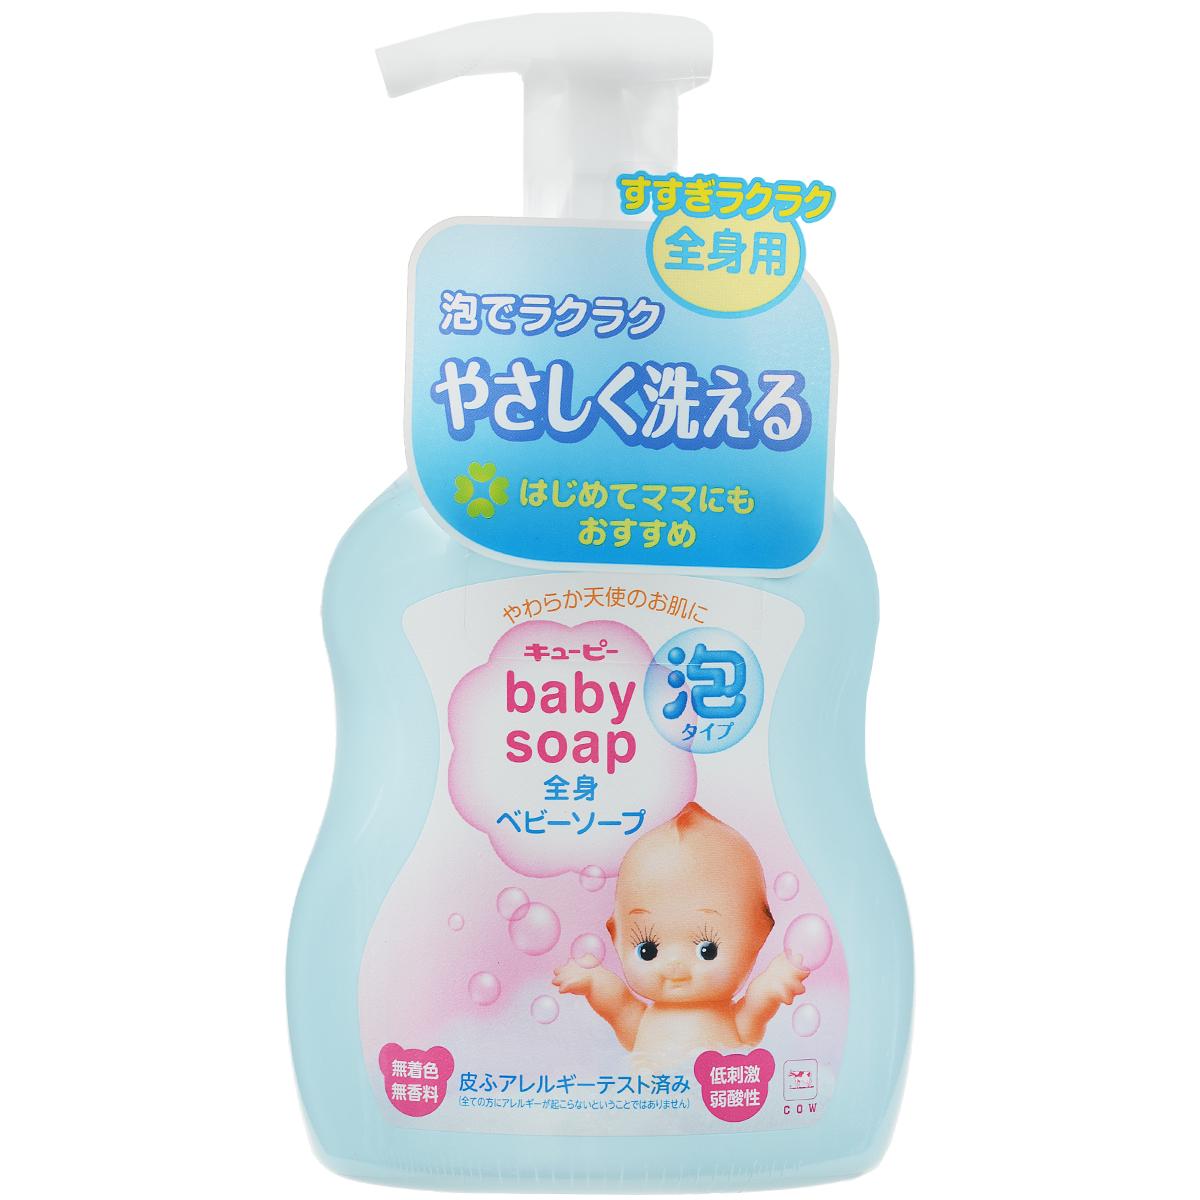 Увлажняющее жидкое мыло-пена для малыша Cow, 400 млT-82-061Увлажняющее жидкое мыло-пена Cow разработано для ежедневного мытья тела и волос малыша. Моющая основа из компонентов аминокислотного происхождения мягко удаляет загрязнения, не смывая естественный жировой слой кожи. Содержит природный сквалан, который защищает кожу, и вытяжку из солодки для мягкого увлажнения. Мыло не содержит красителей и ароматизаторов и не раздражает кожу. Прекрасно подходит взрослым с чувствительной кожей.